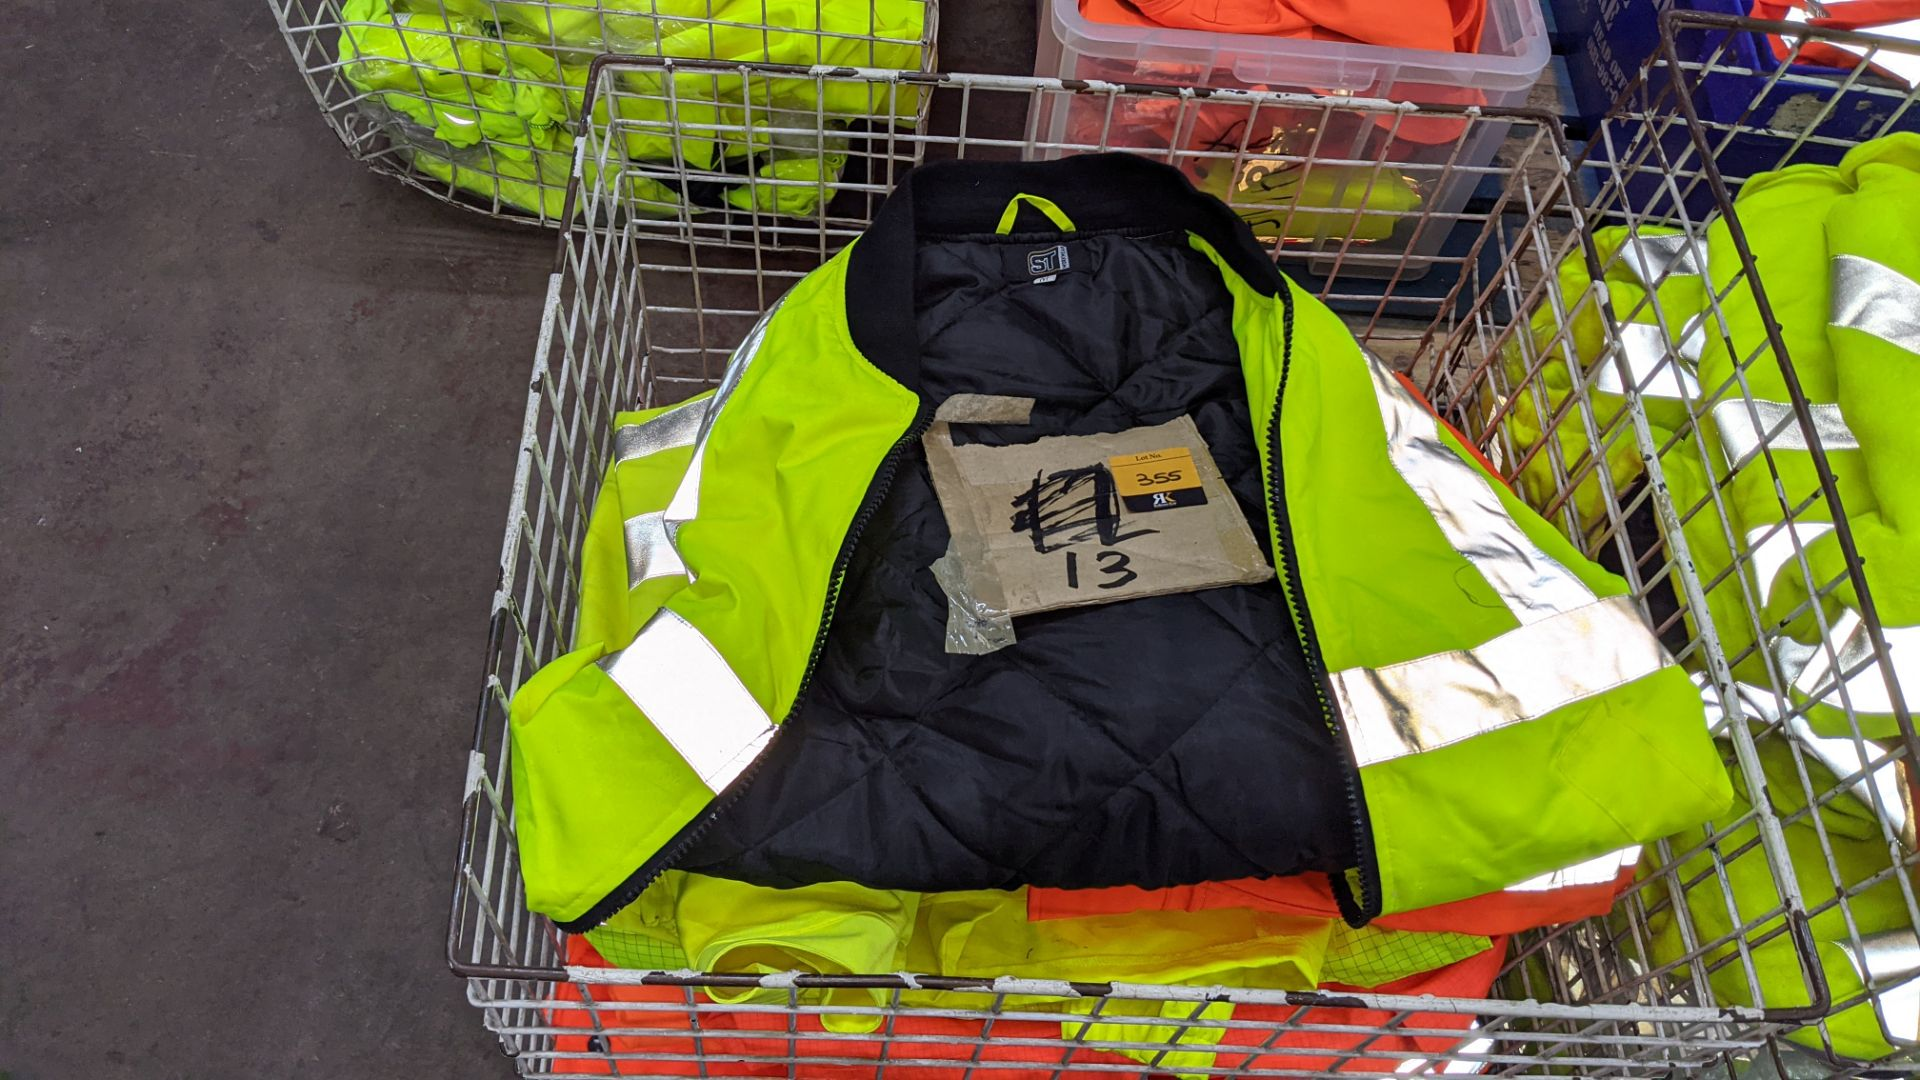 13 off assorted hi-vis jackets - Image 3 of 4